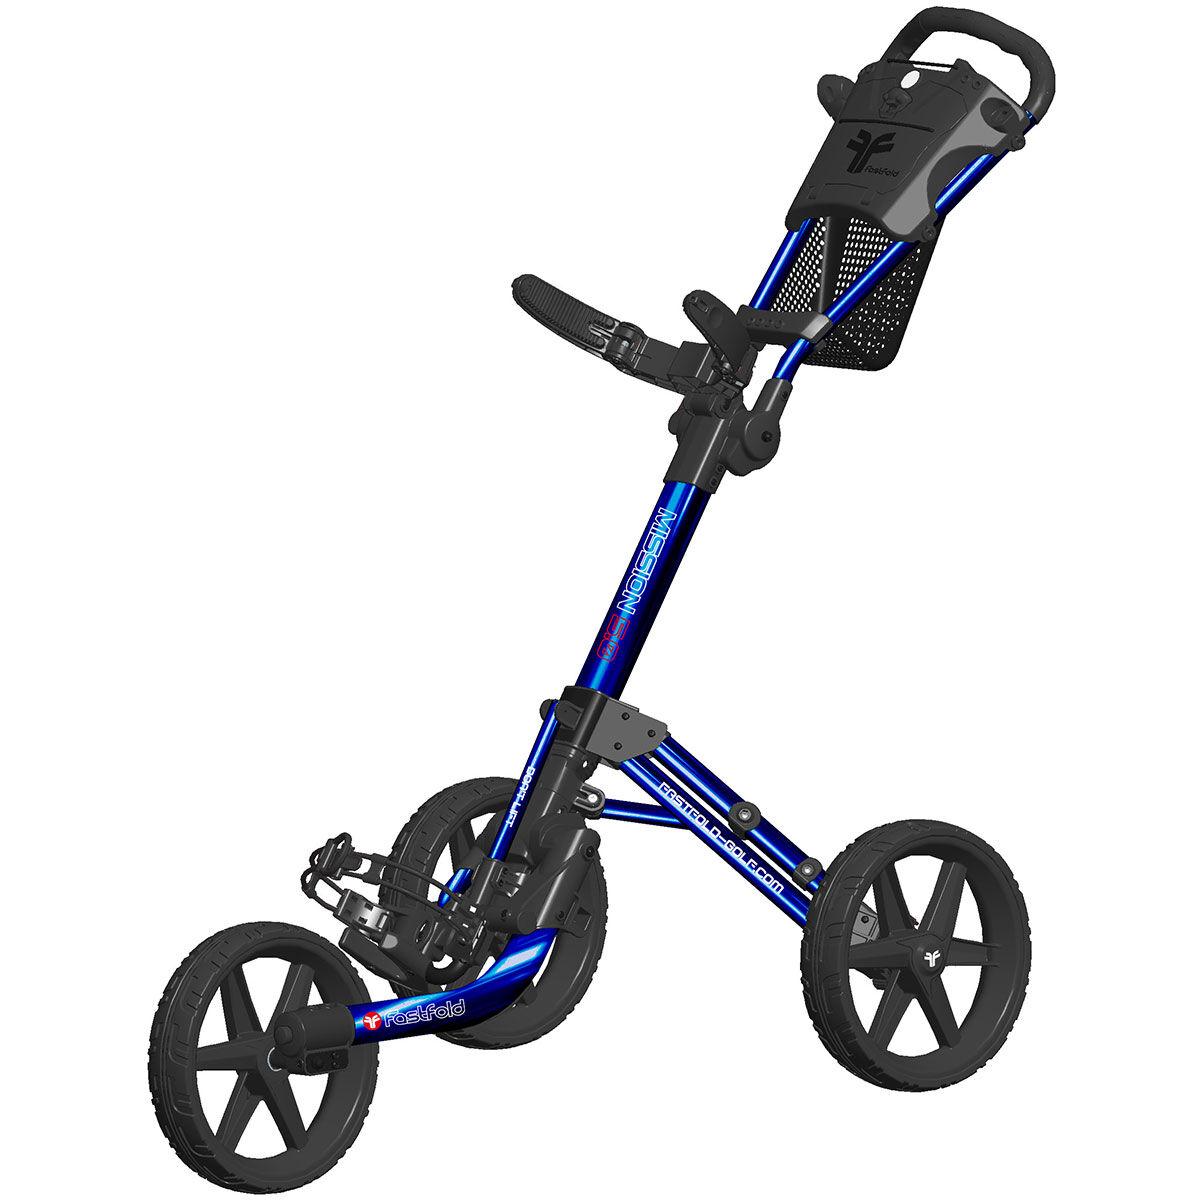 Fast Fold Fastfold Mission 5.0 3 Wheel Push Golf Trolley, Shiny blue black | American Golf